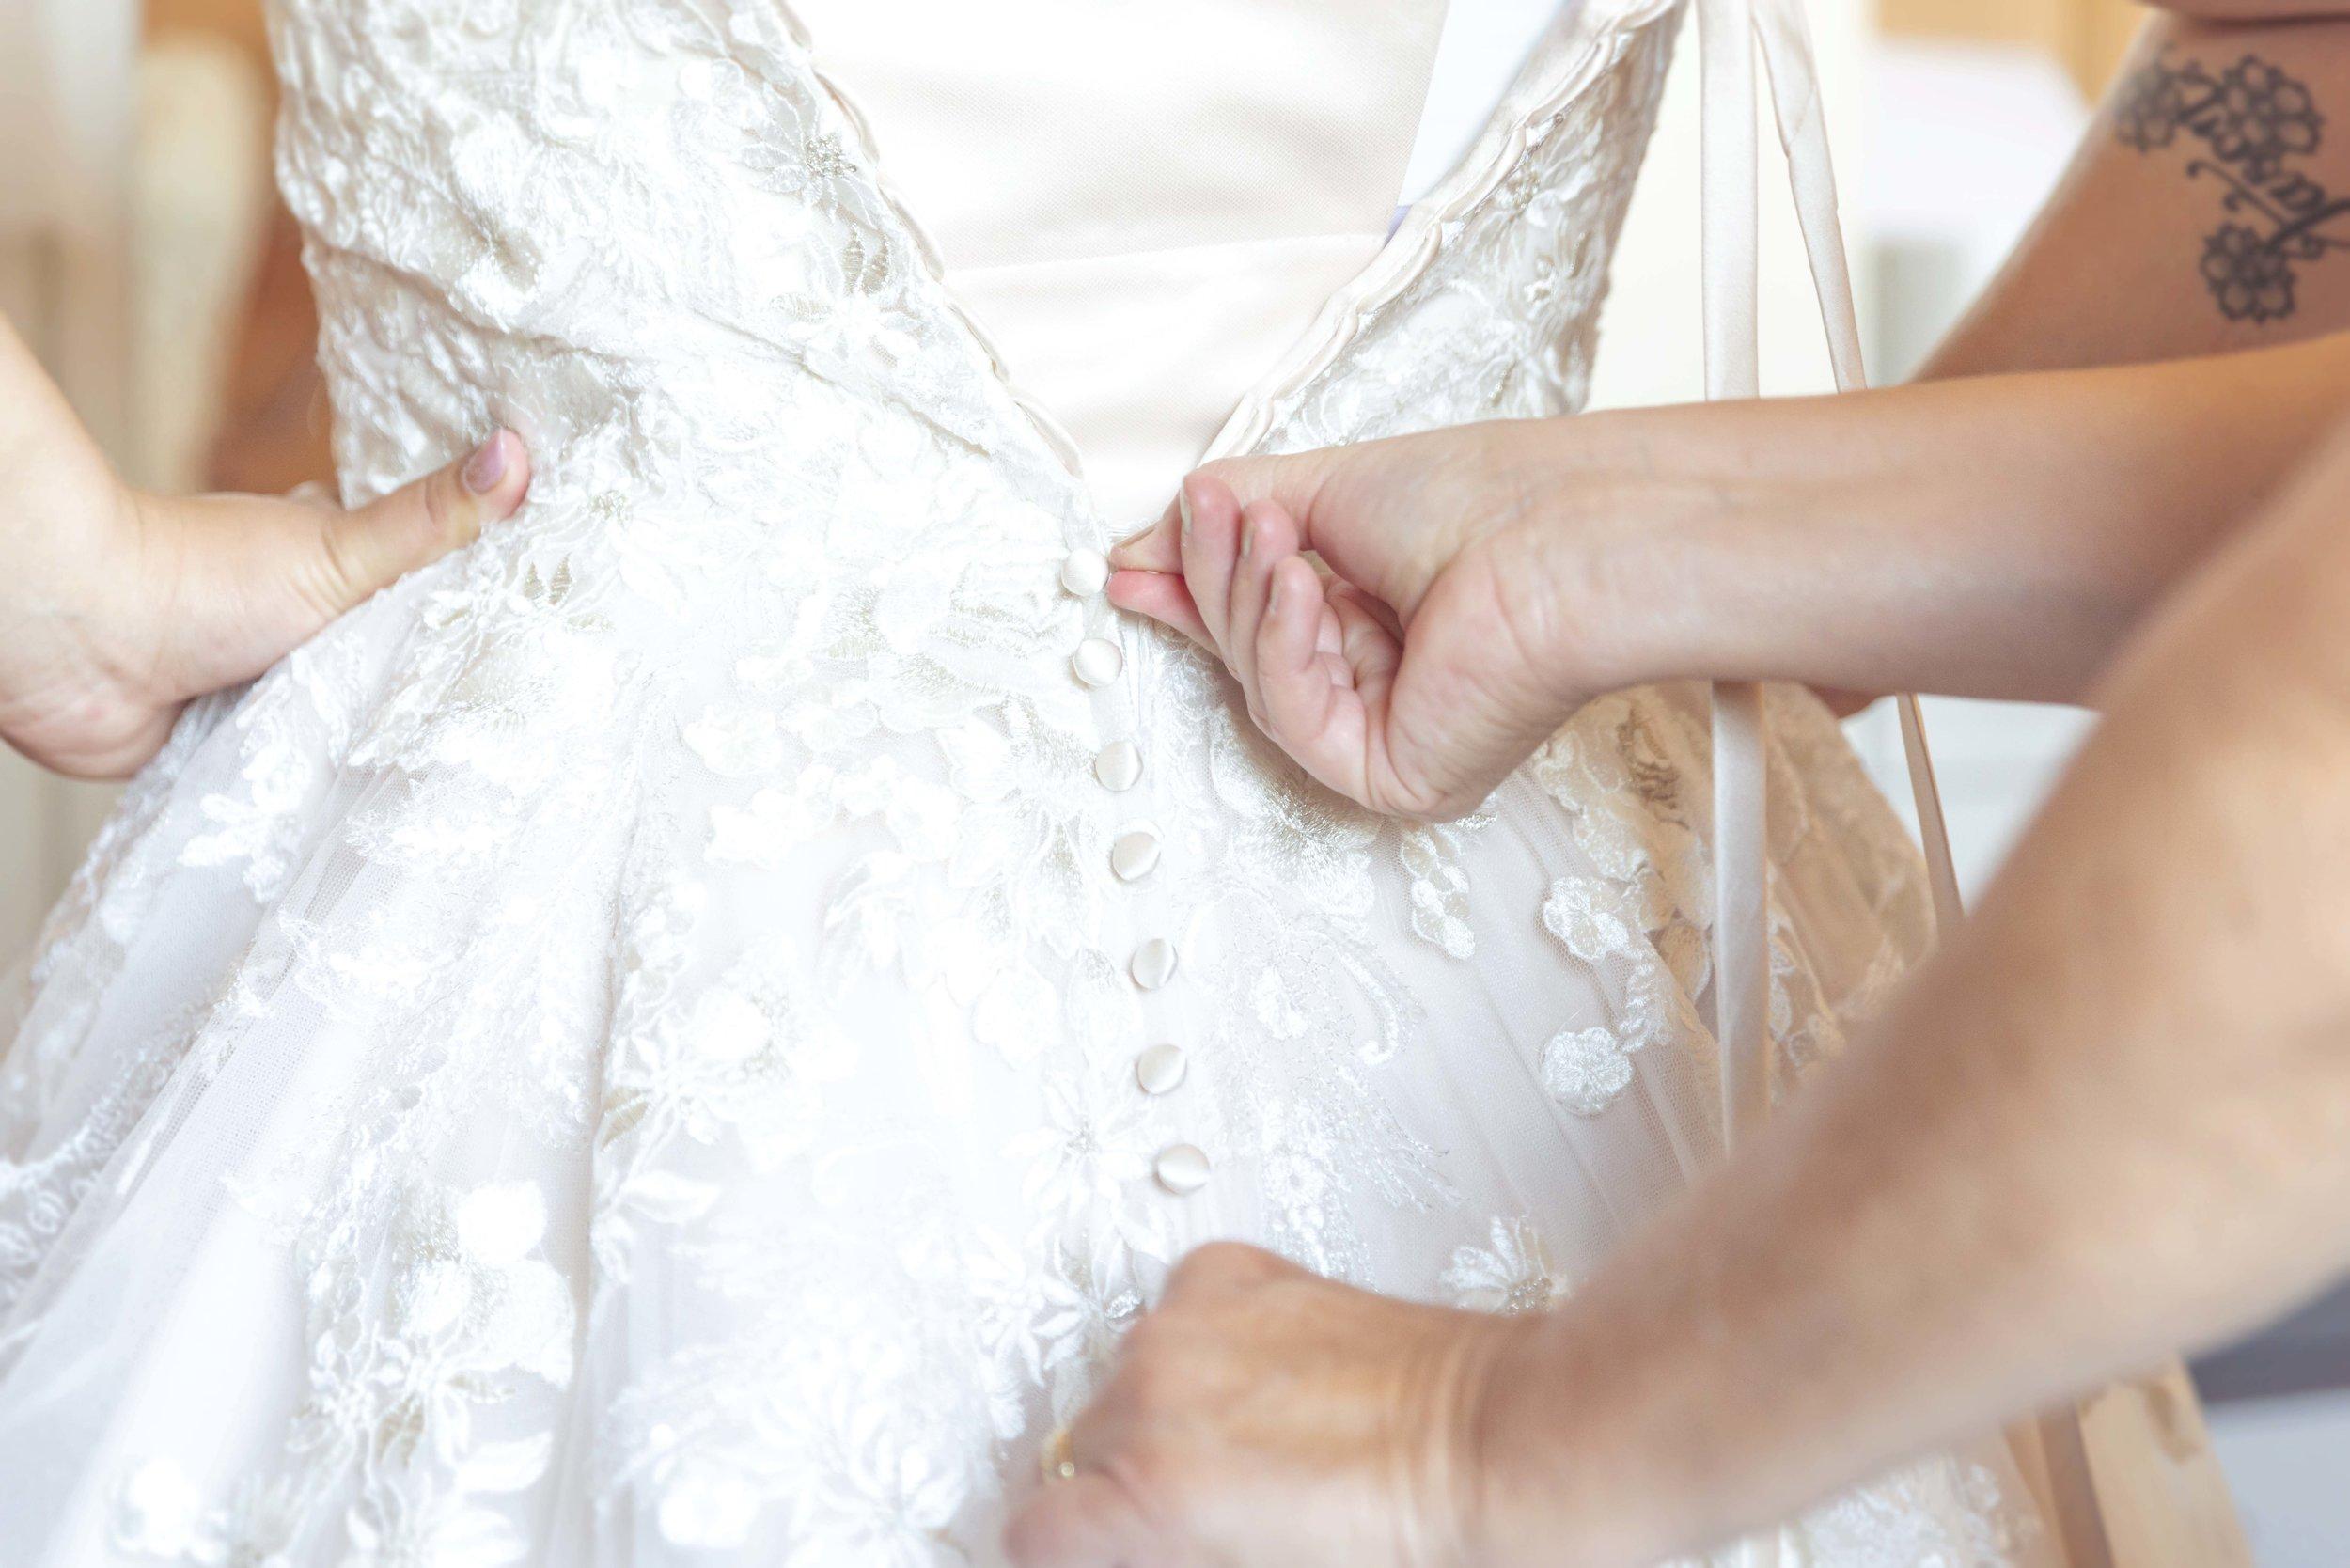 trouwjurk met corset en veter op de rug. rits dicht van de trouwjurk